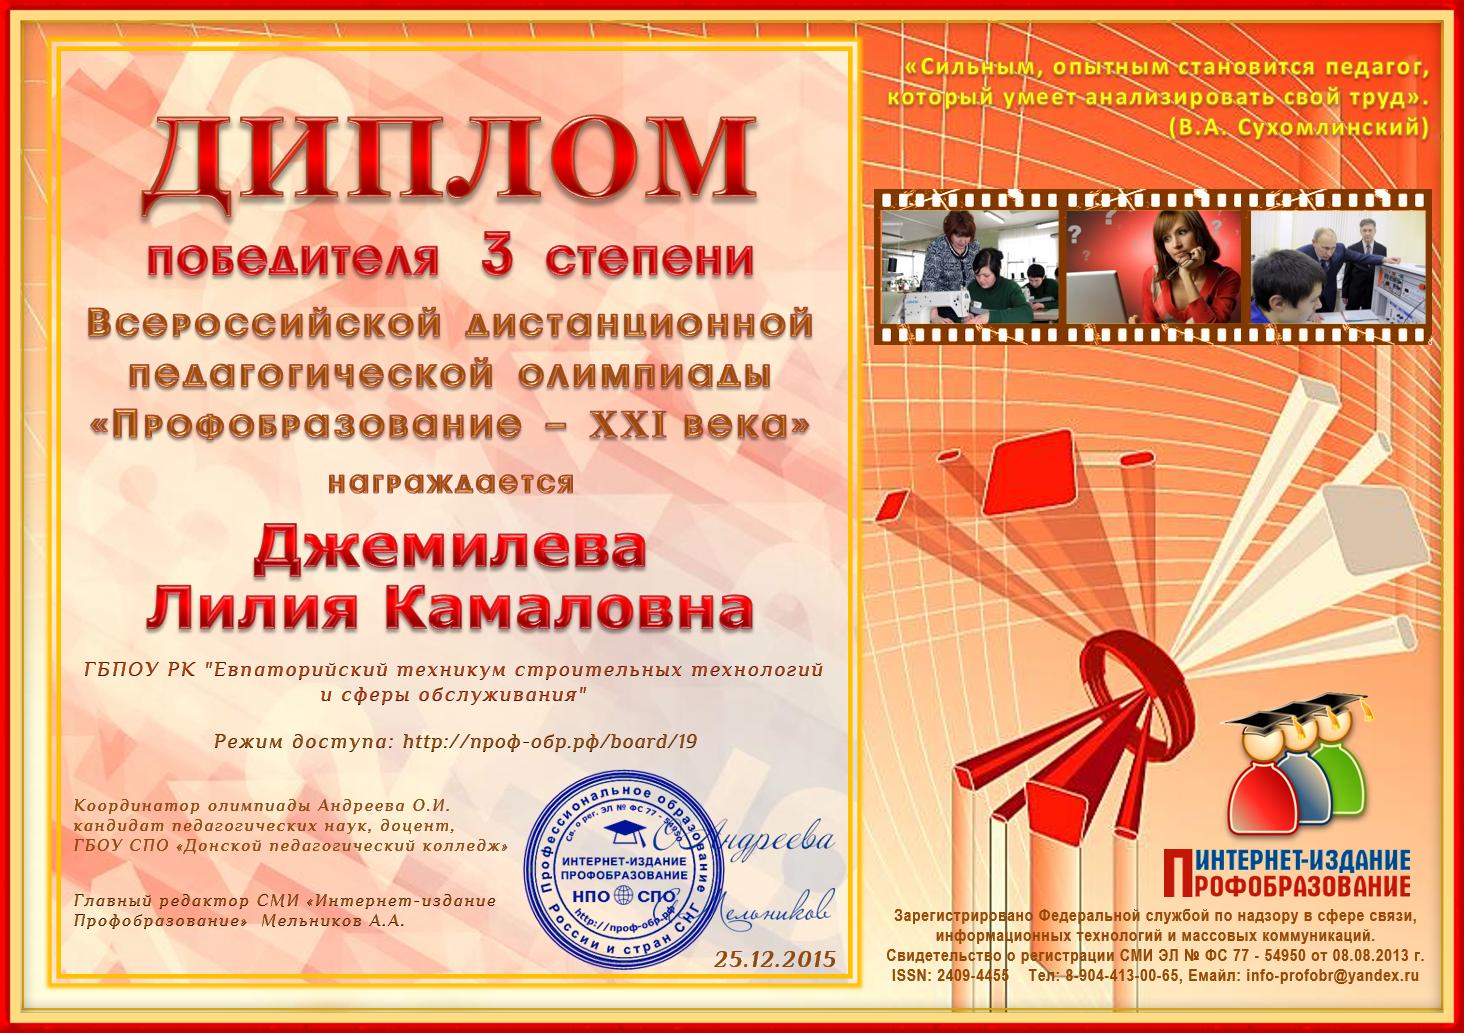 Участие во всероссийском конкурсе преподавателей нпо